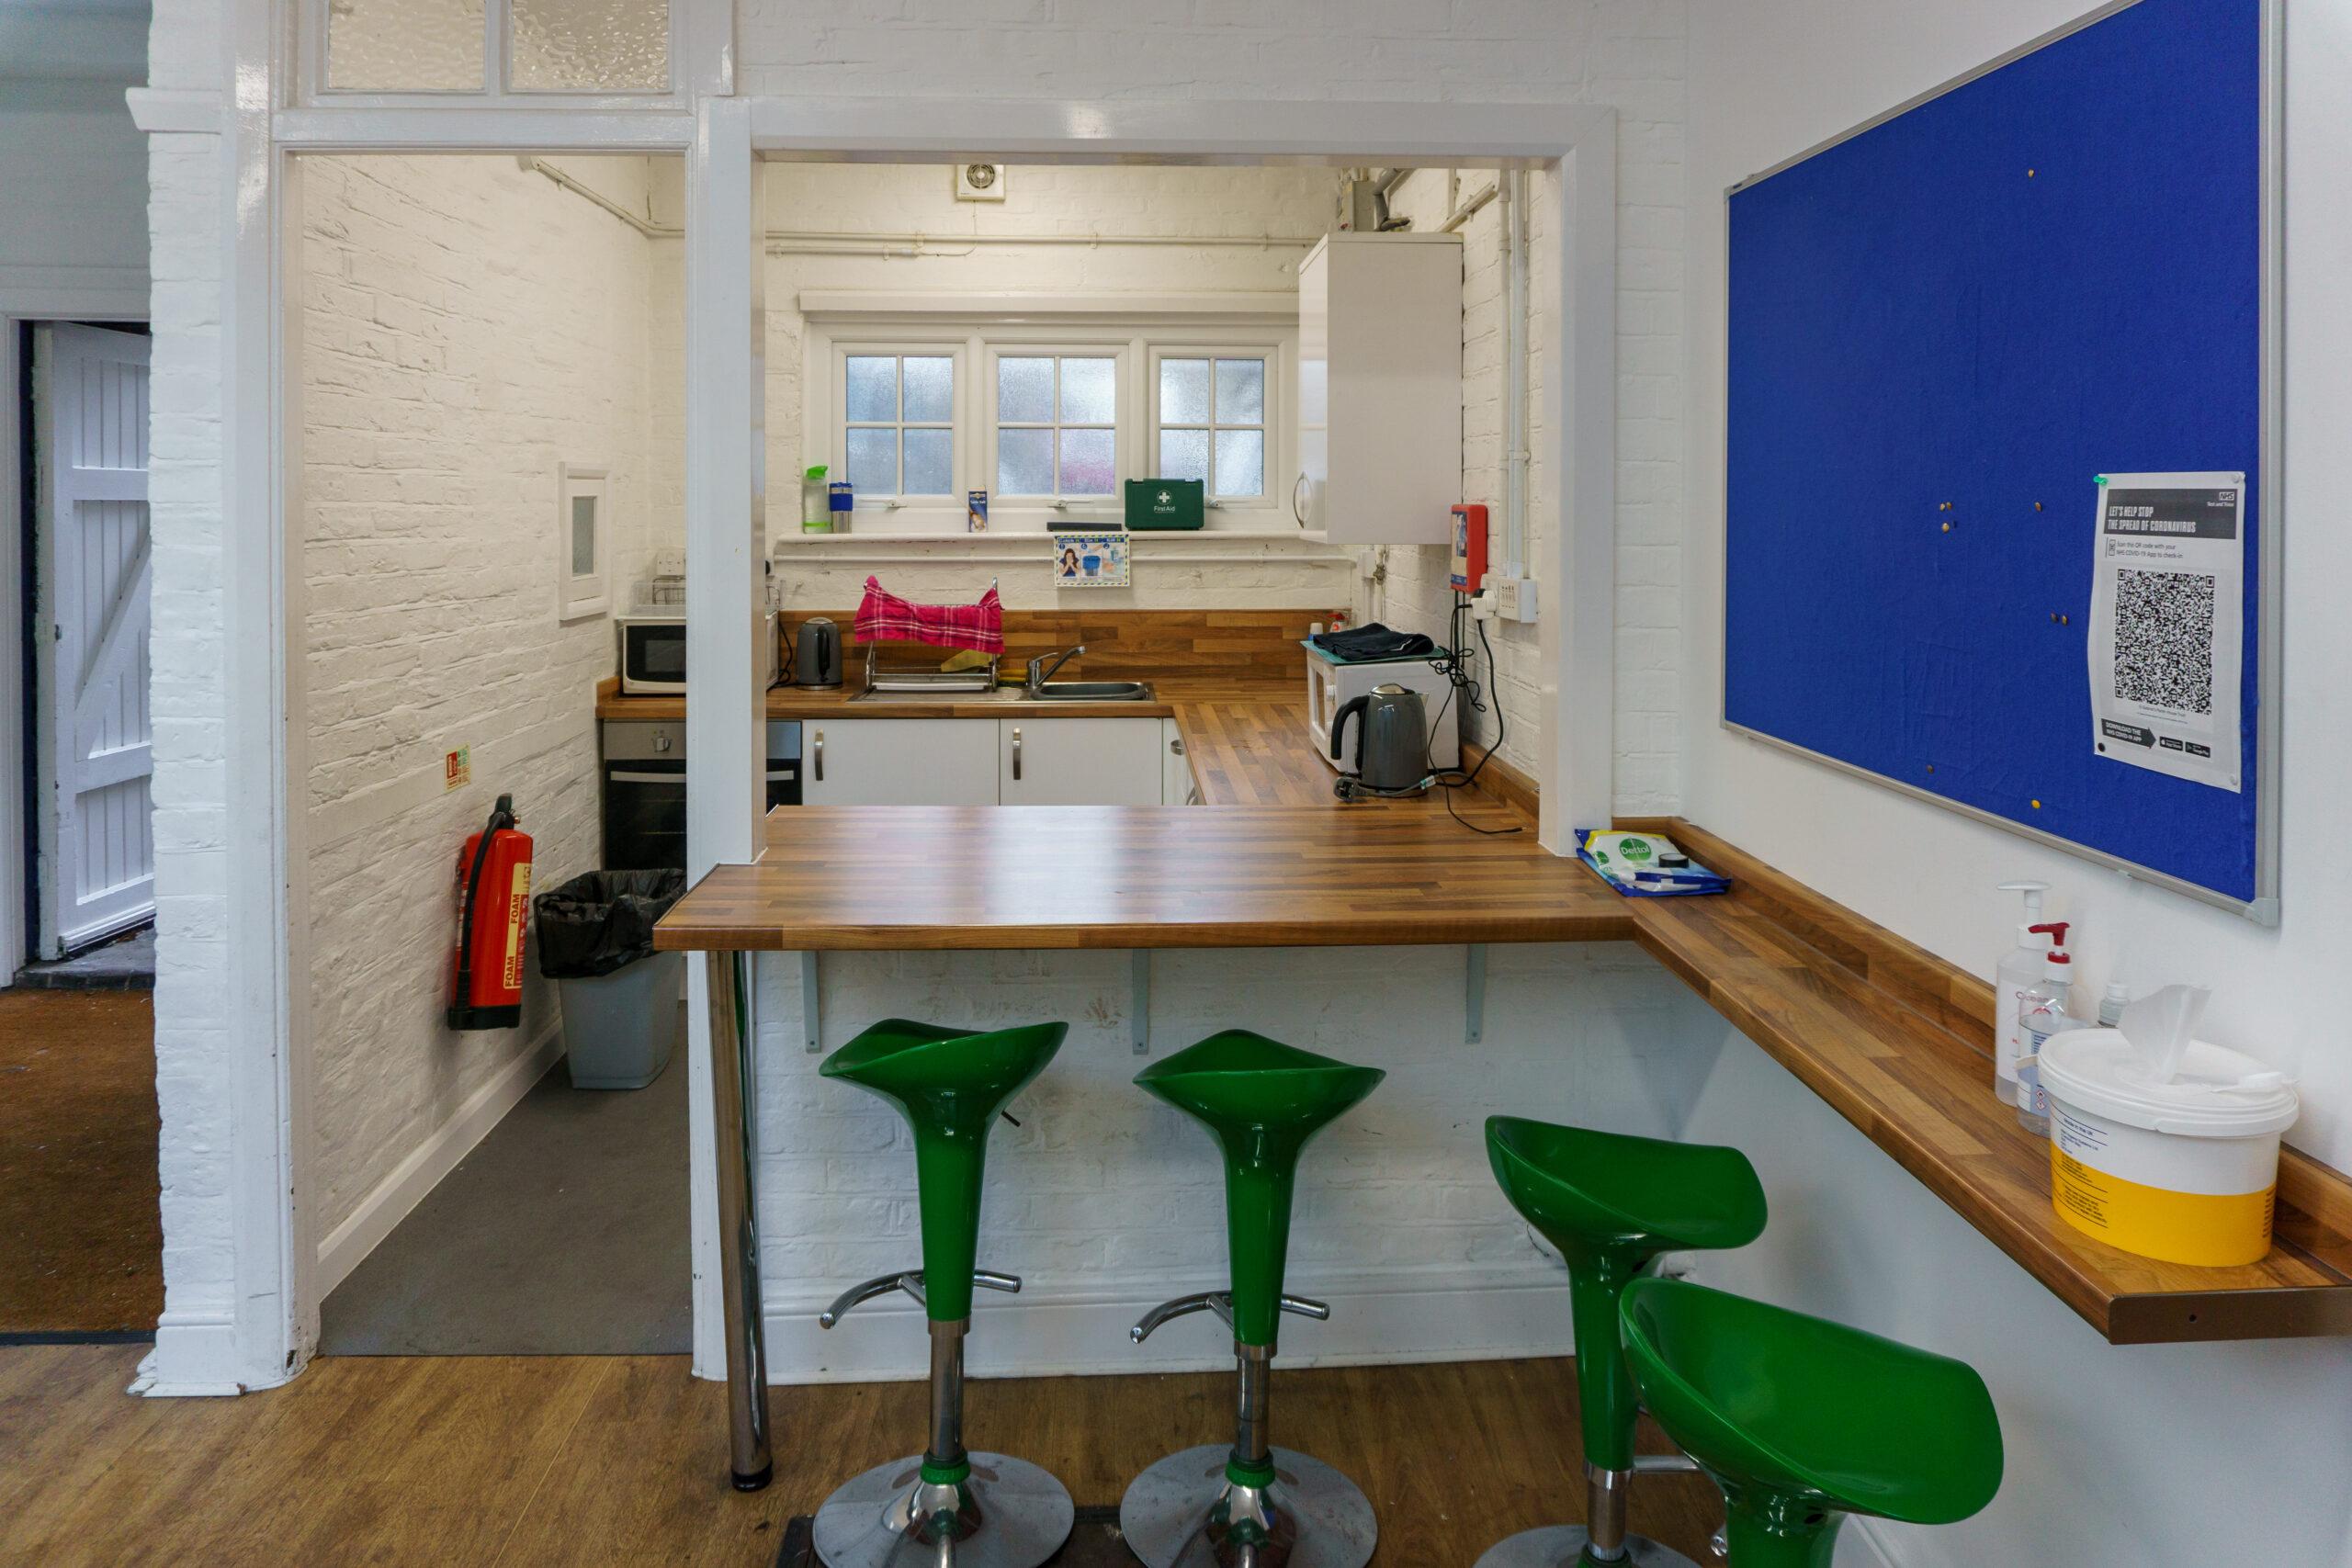 Boy's Club Kitchen